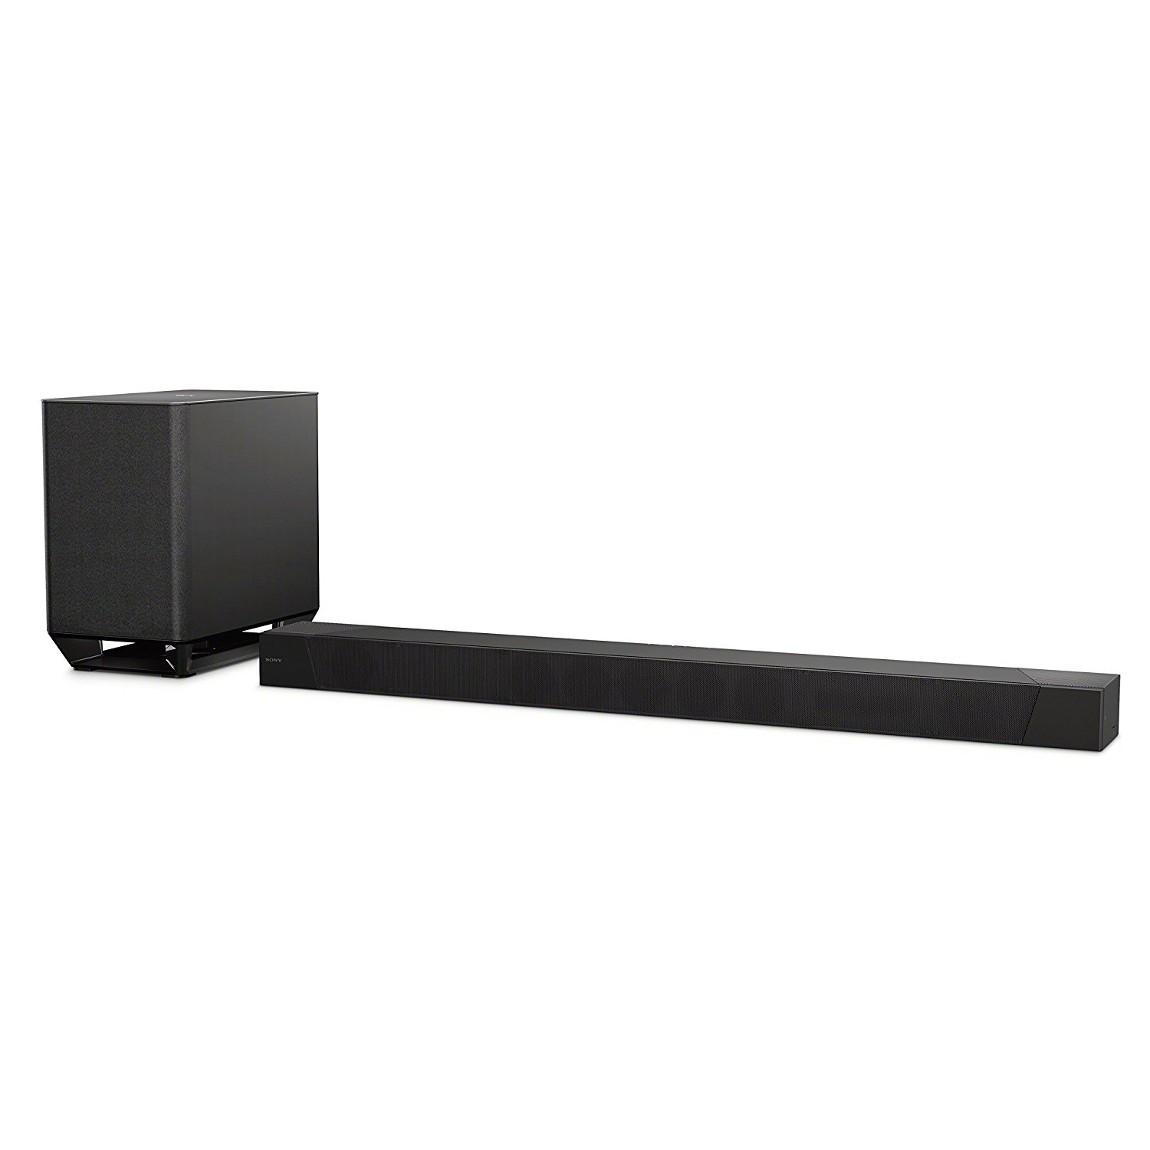 Sony HT-ST5000 - Dolby Atmos Soundbar mit WLAN/...